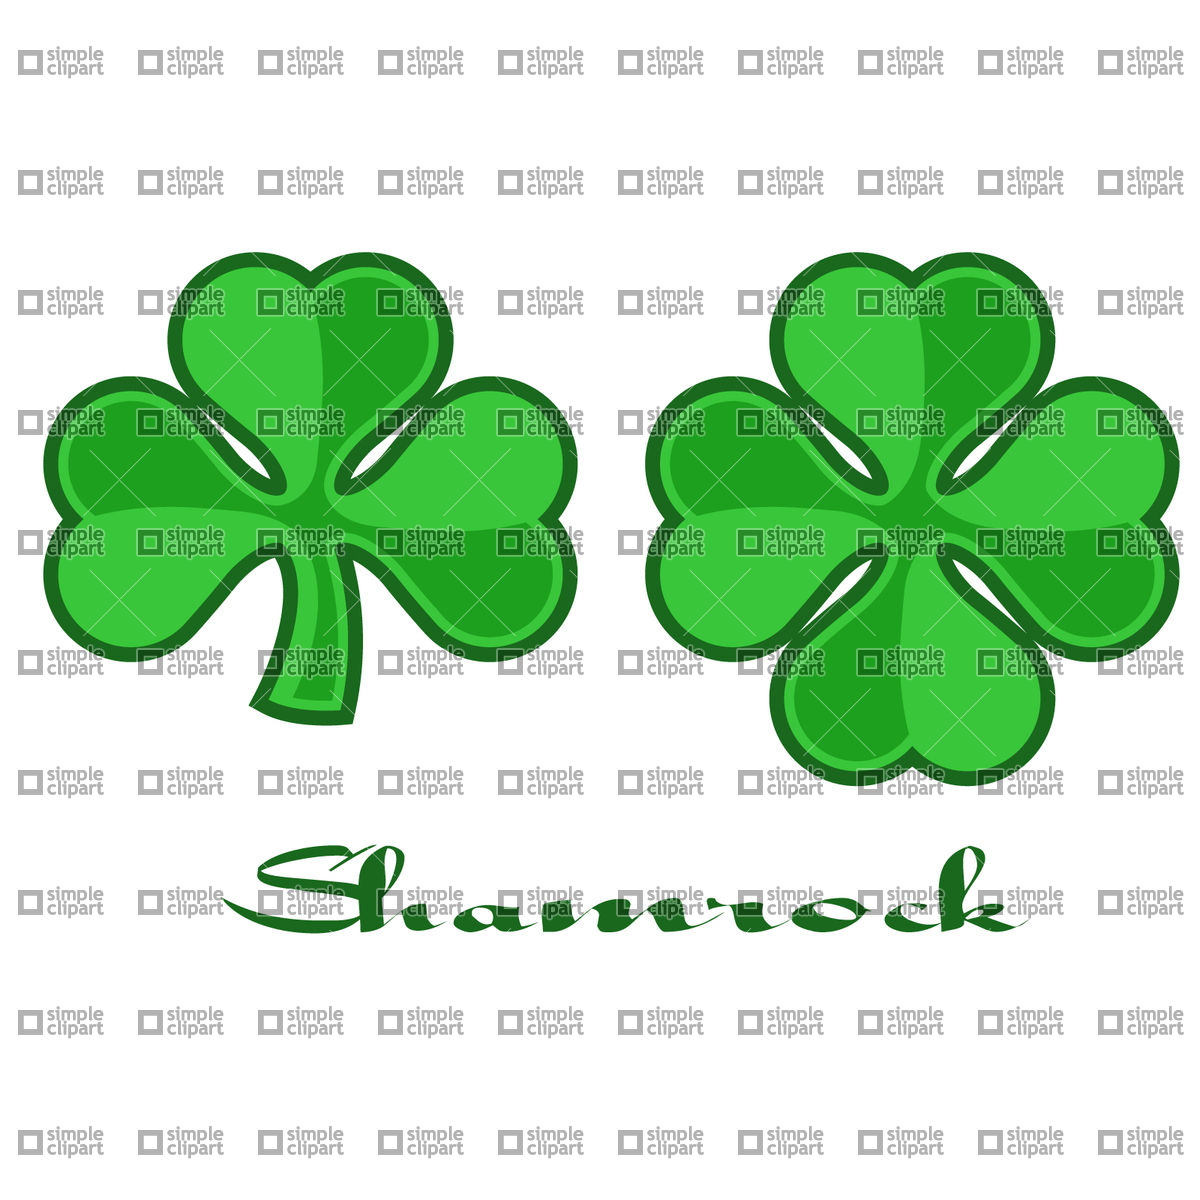 1200x1200 Quarterfoil And Trefoil Shamrock (Clover) Leaf Vector Image